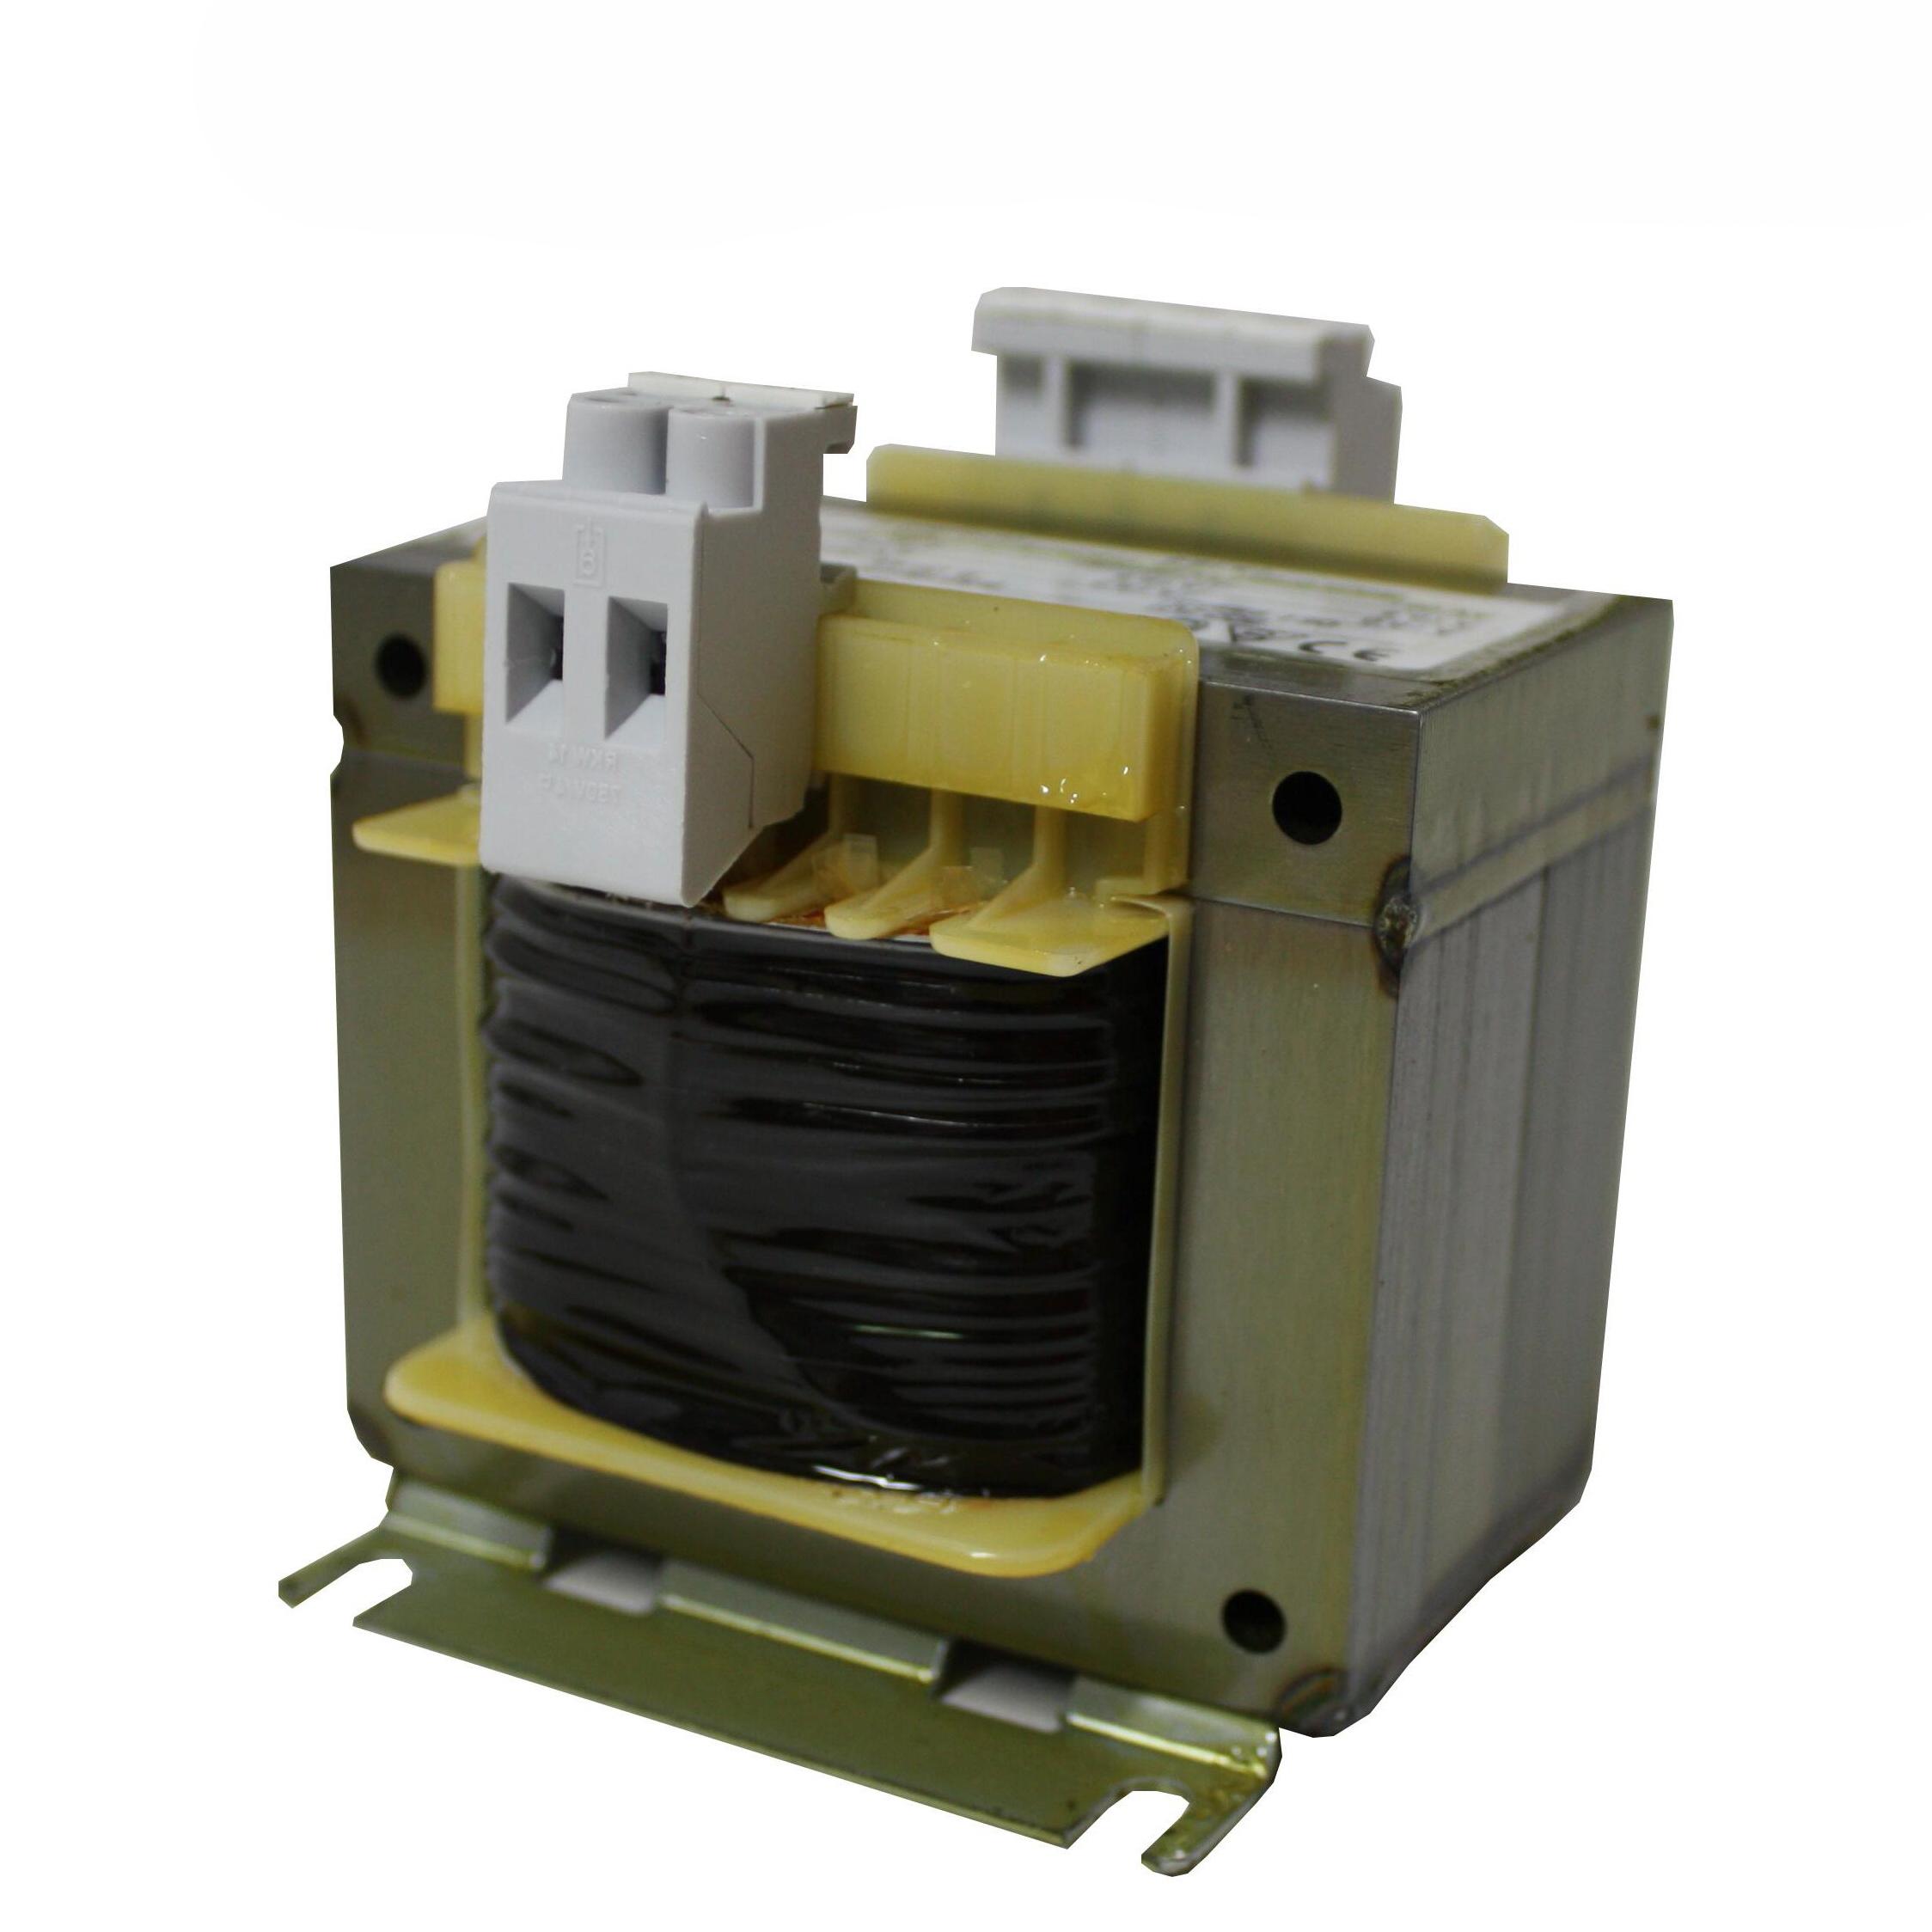 1 Stk Einphasen Steuertransformator 230/24V, 200VA, IP00 LP602020T-